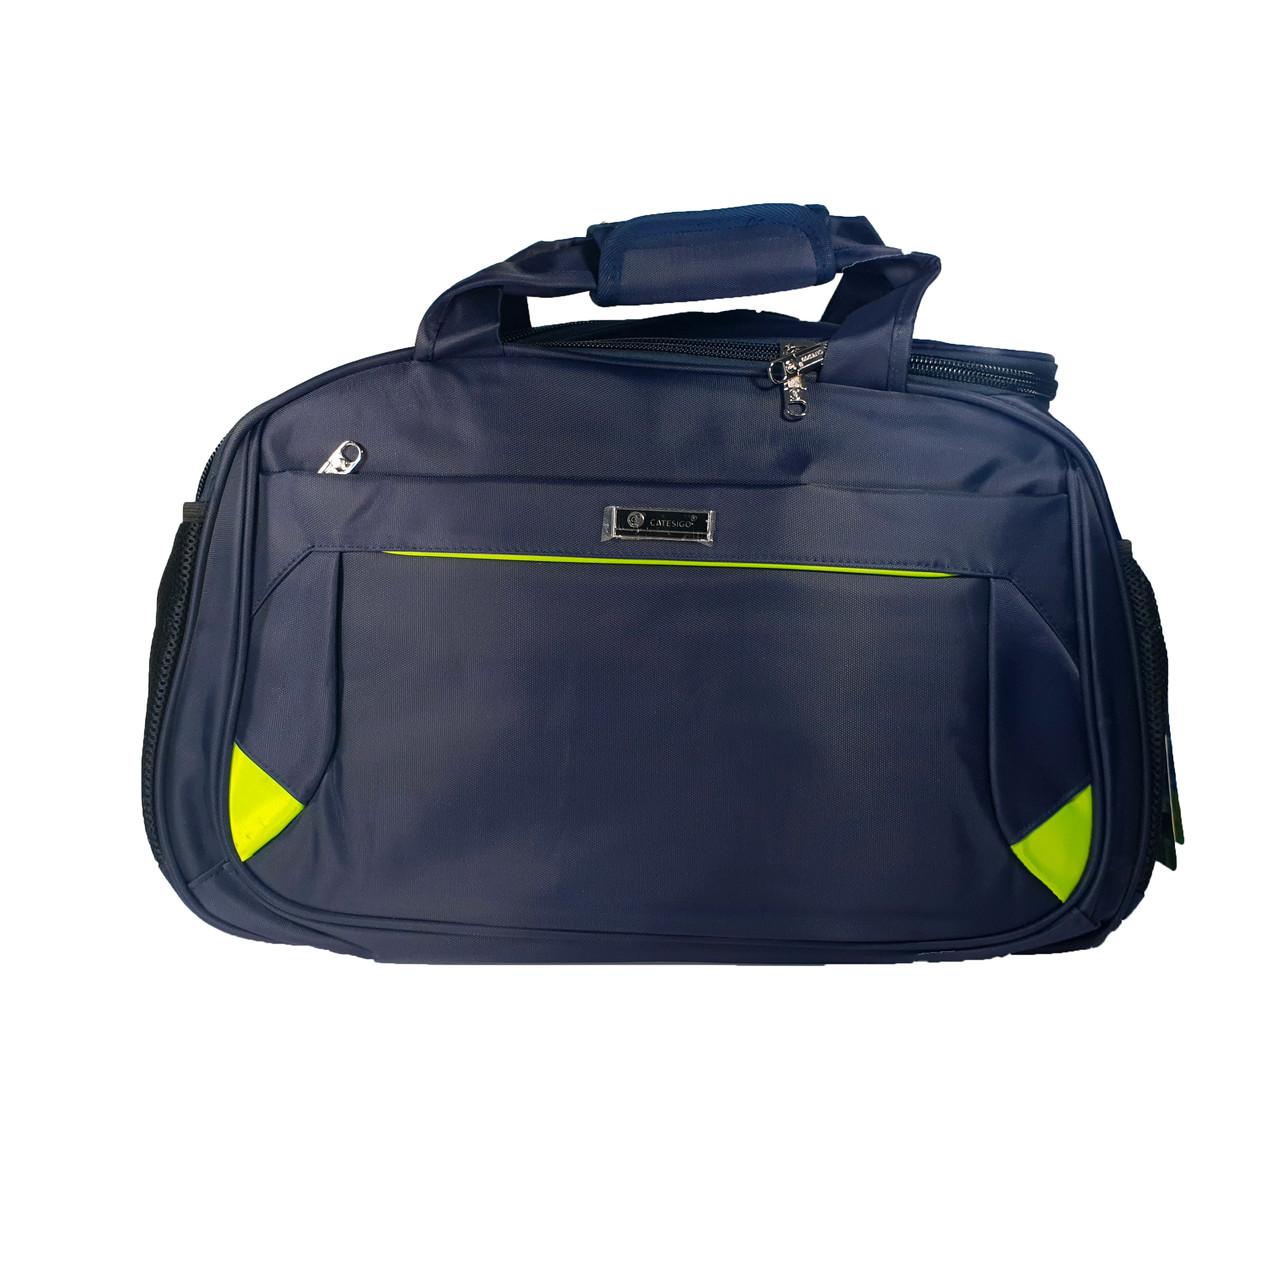 Дорожная сумка Catesigo В Синий